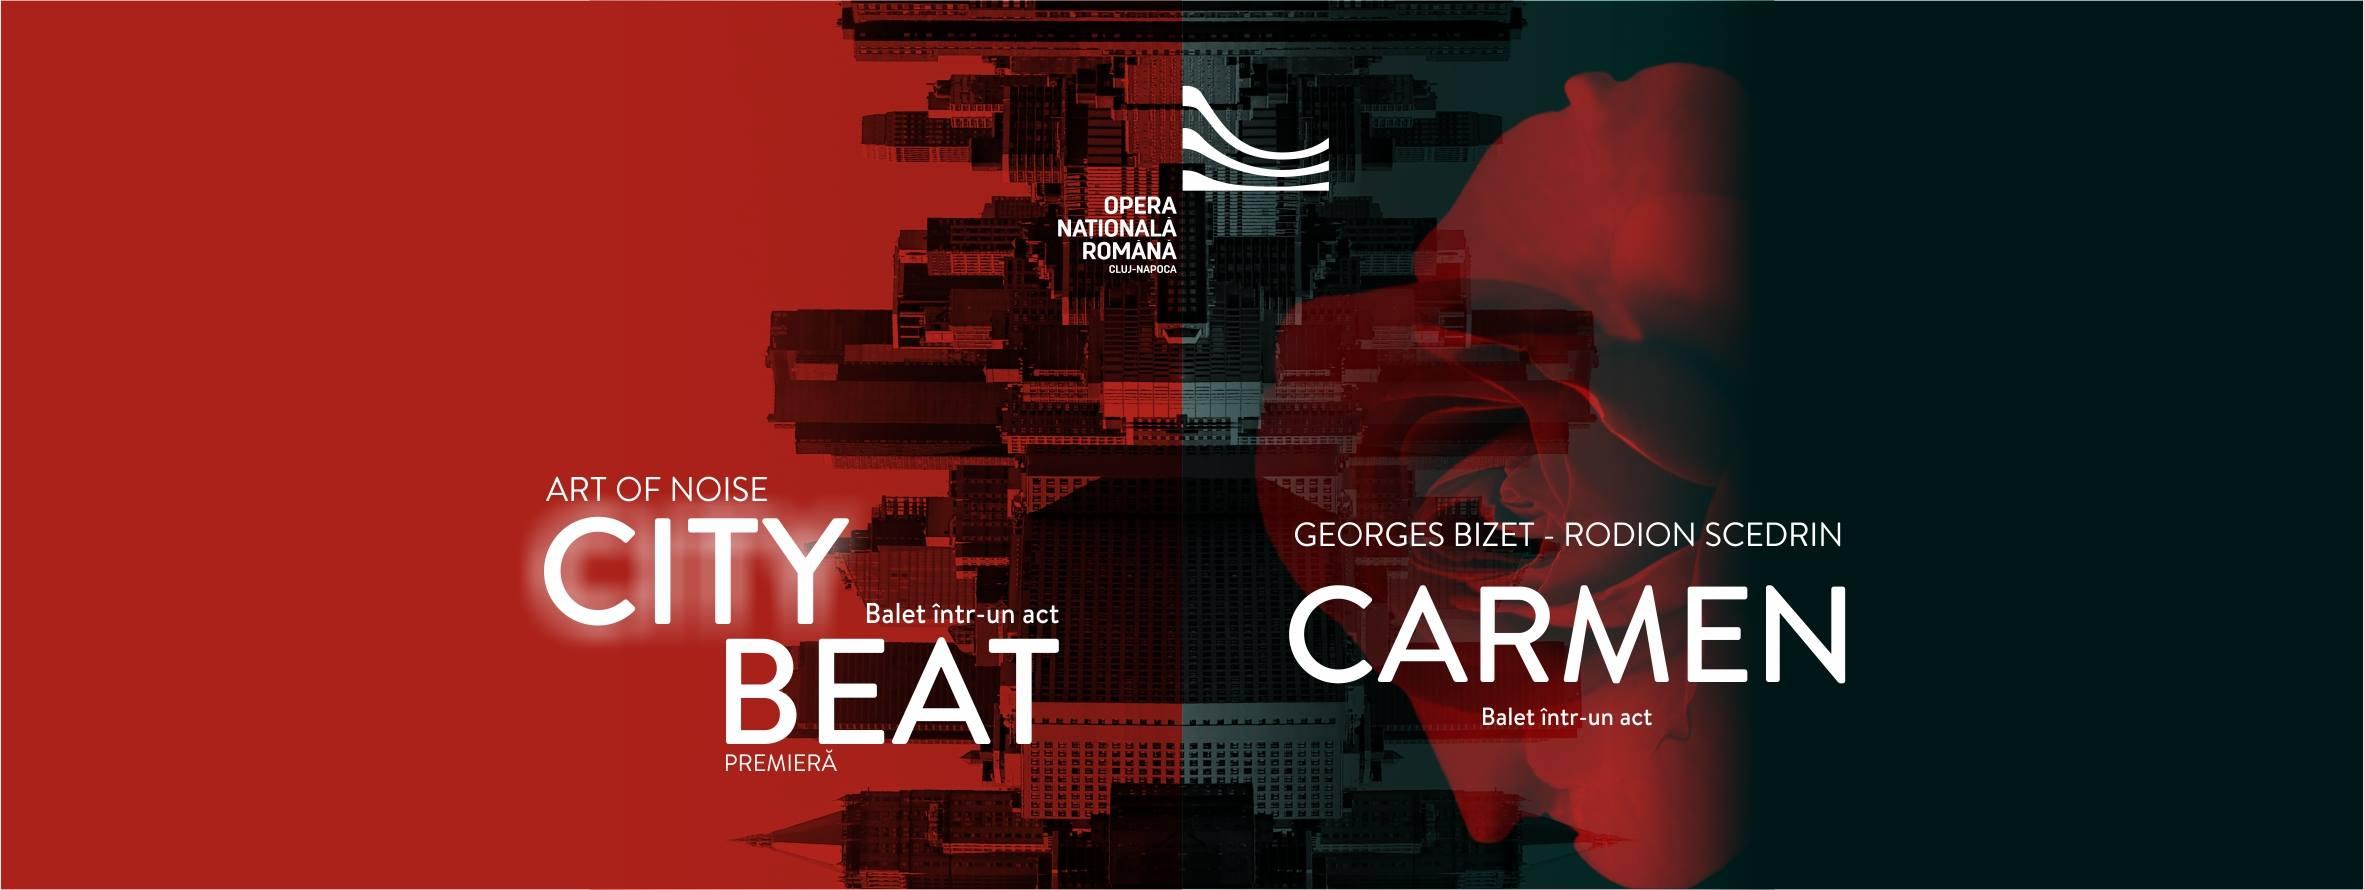 City Beat / Carmen